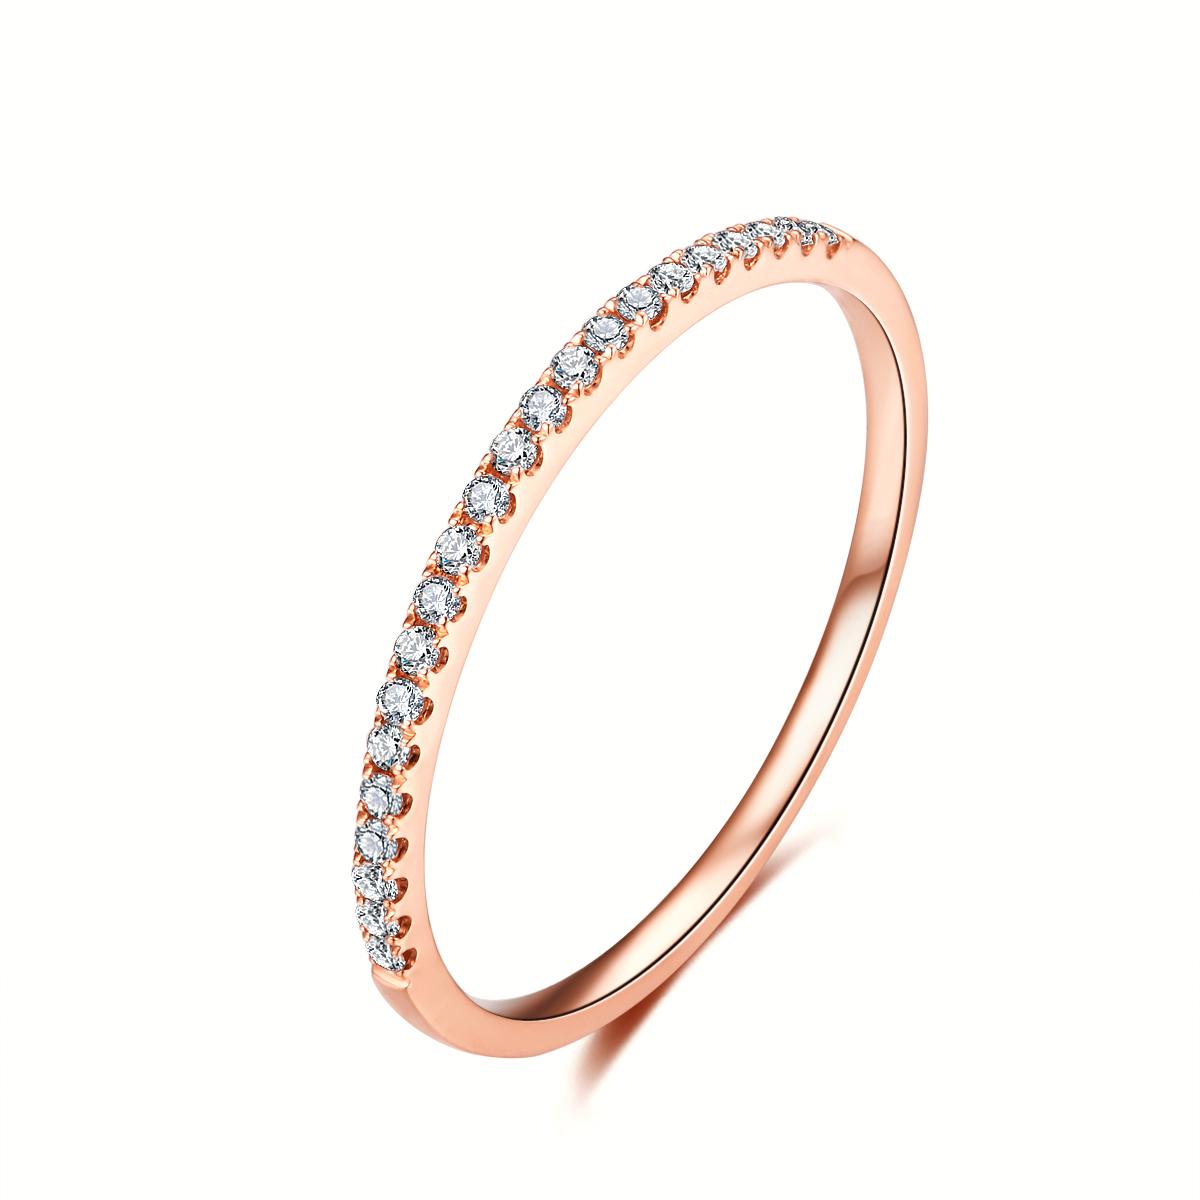 玫瑰金钻石戒指,玫瑰金戒指,玫瑰金女戒,钻石戒指,钻石女戒,时尚钻戒,时尚玫瑰金钻戒